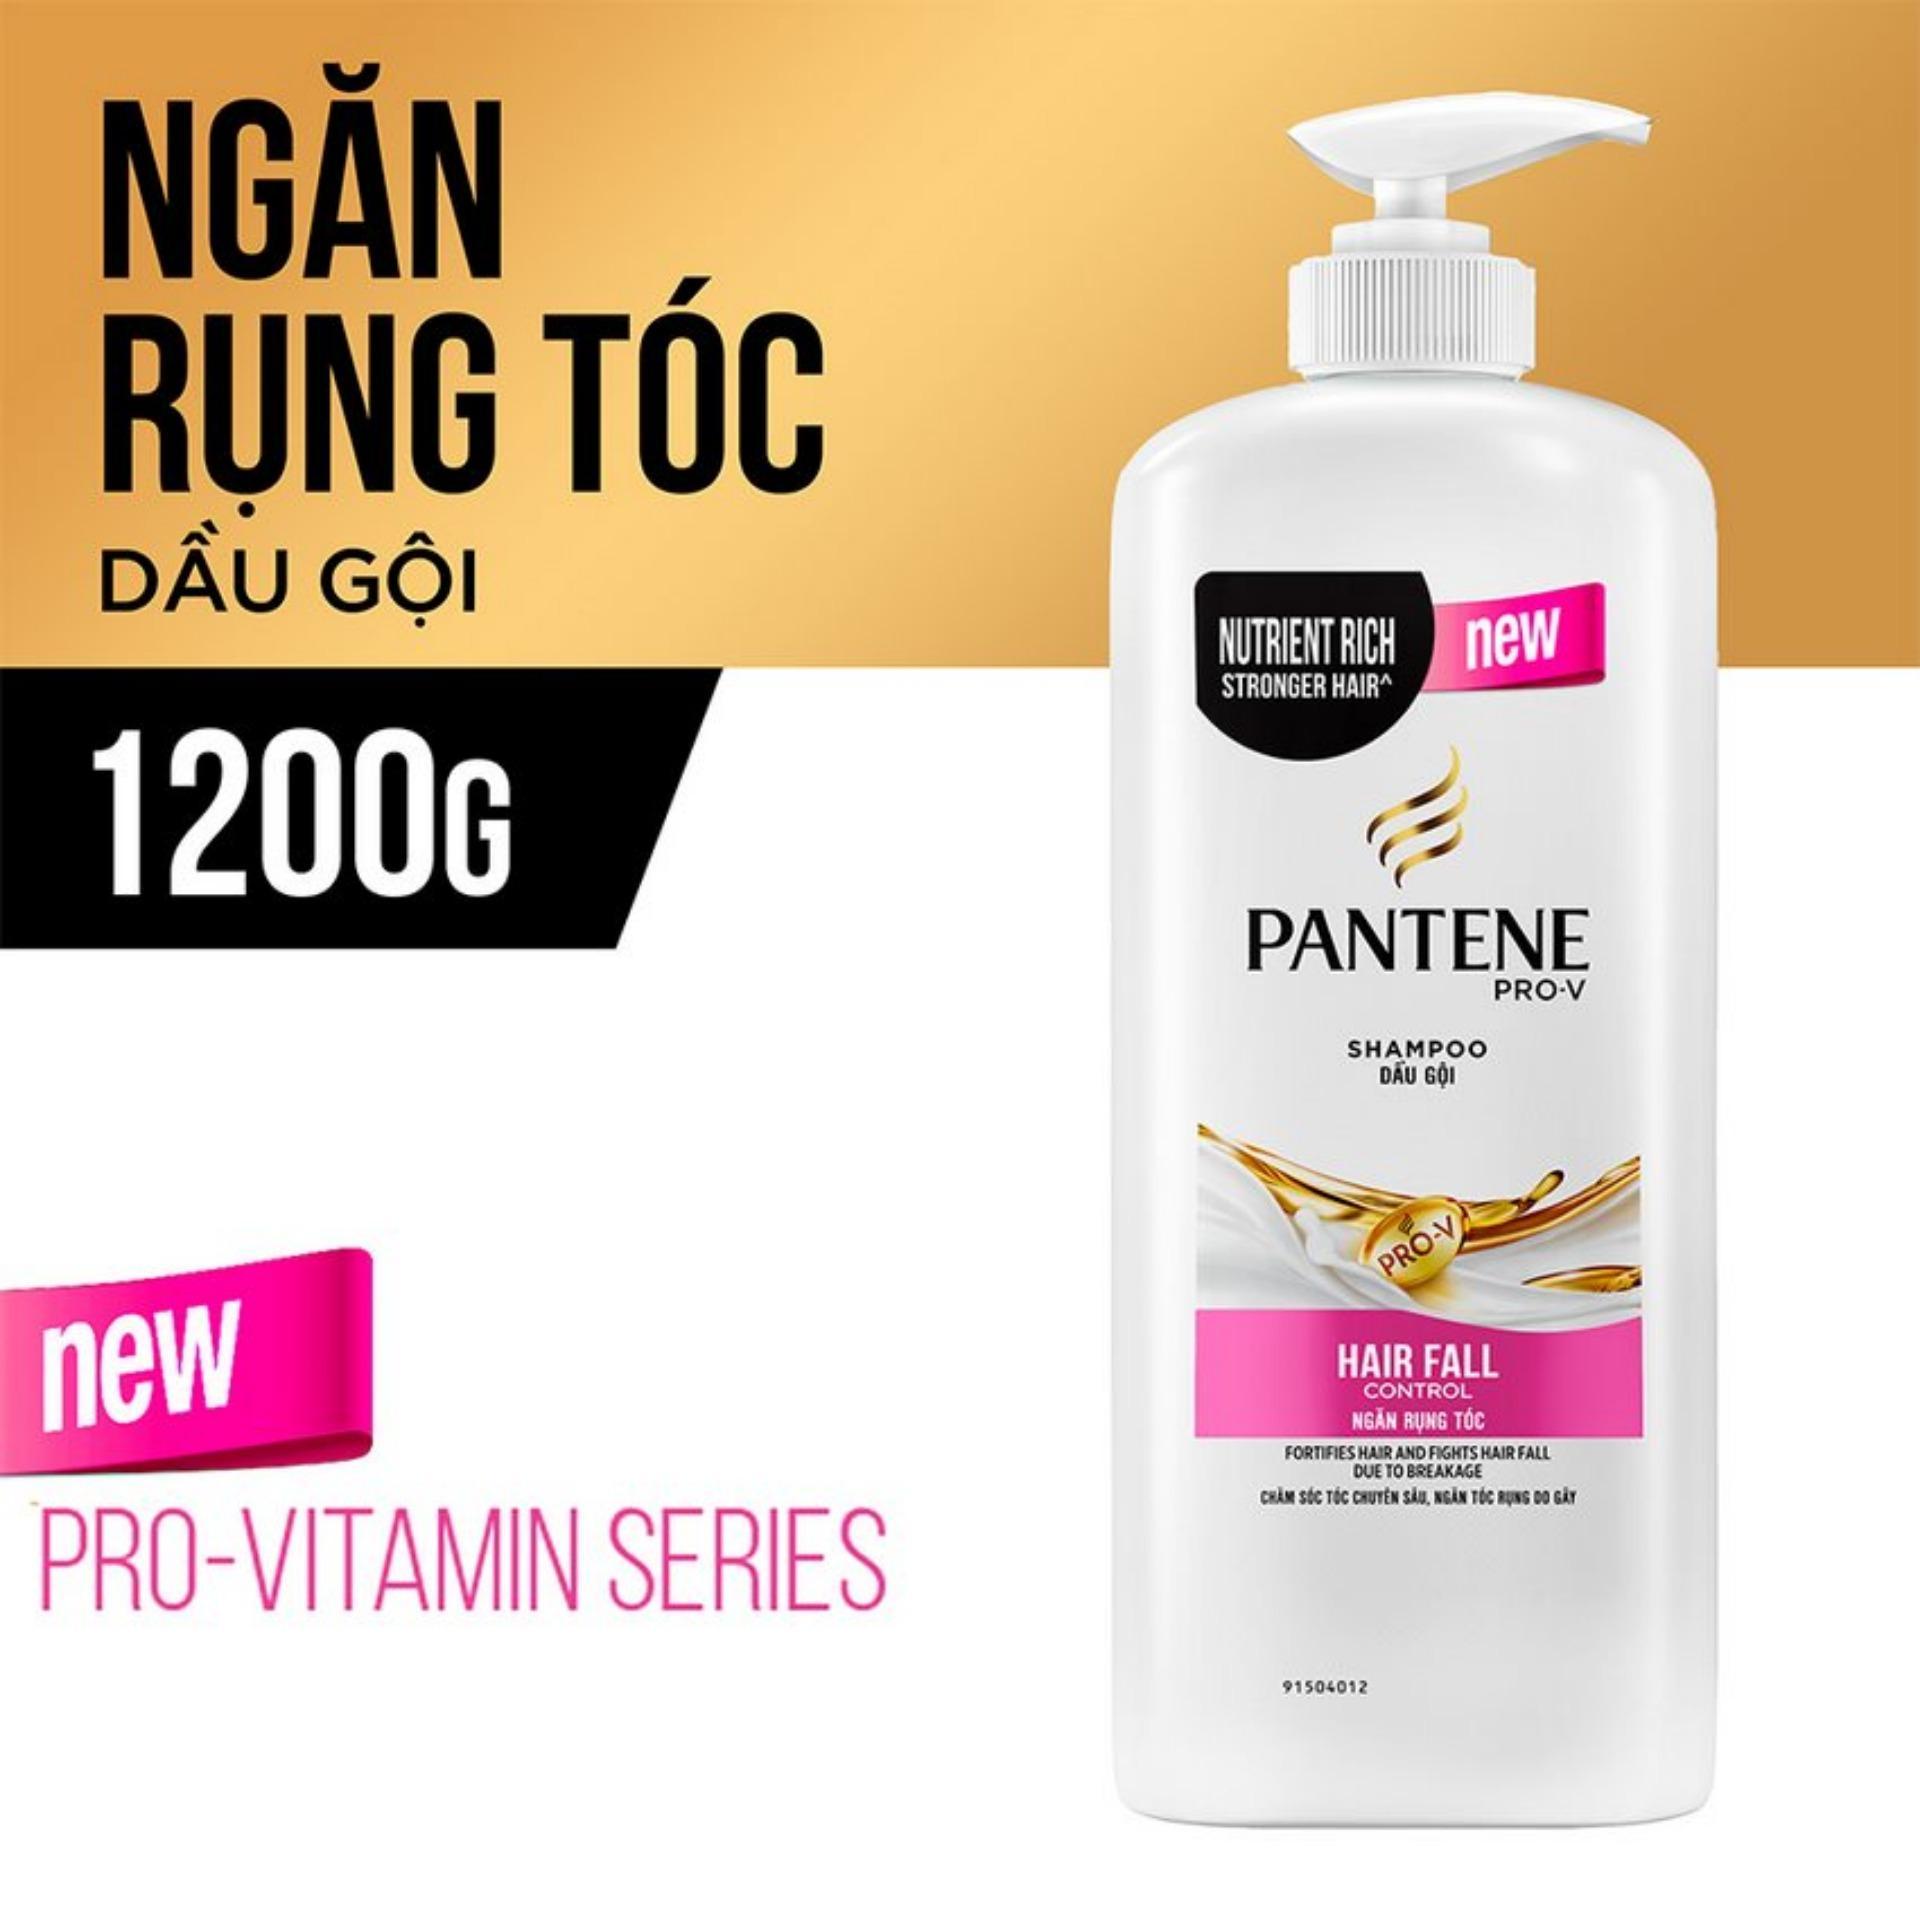 Pantene Du Gi X Dng Tc Hiu Qu Tt Shampoo Pro V Hair Fall Control 480ml Ngn Rng 1200g